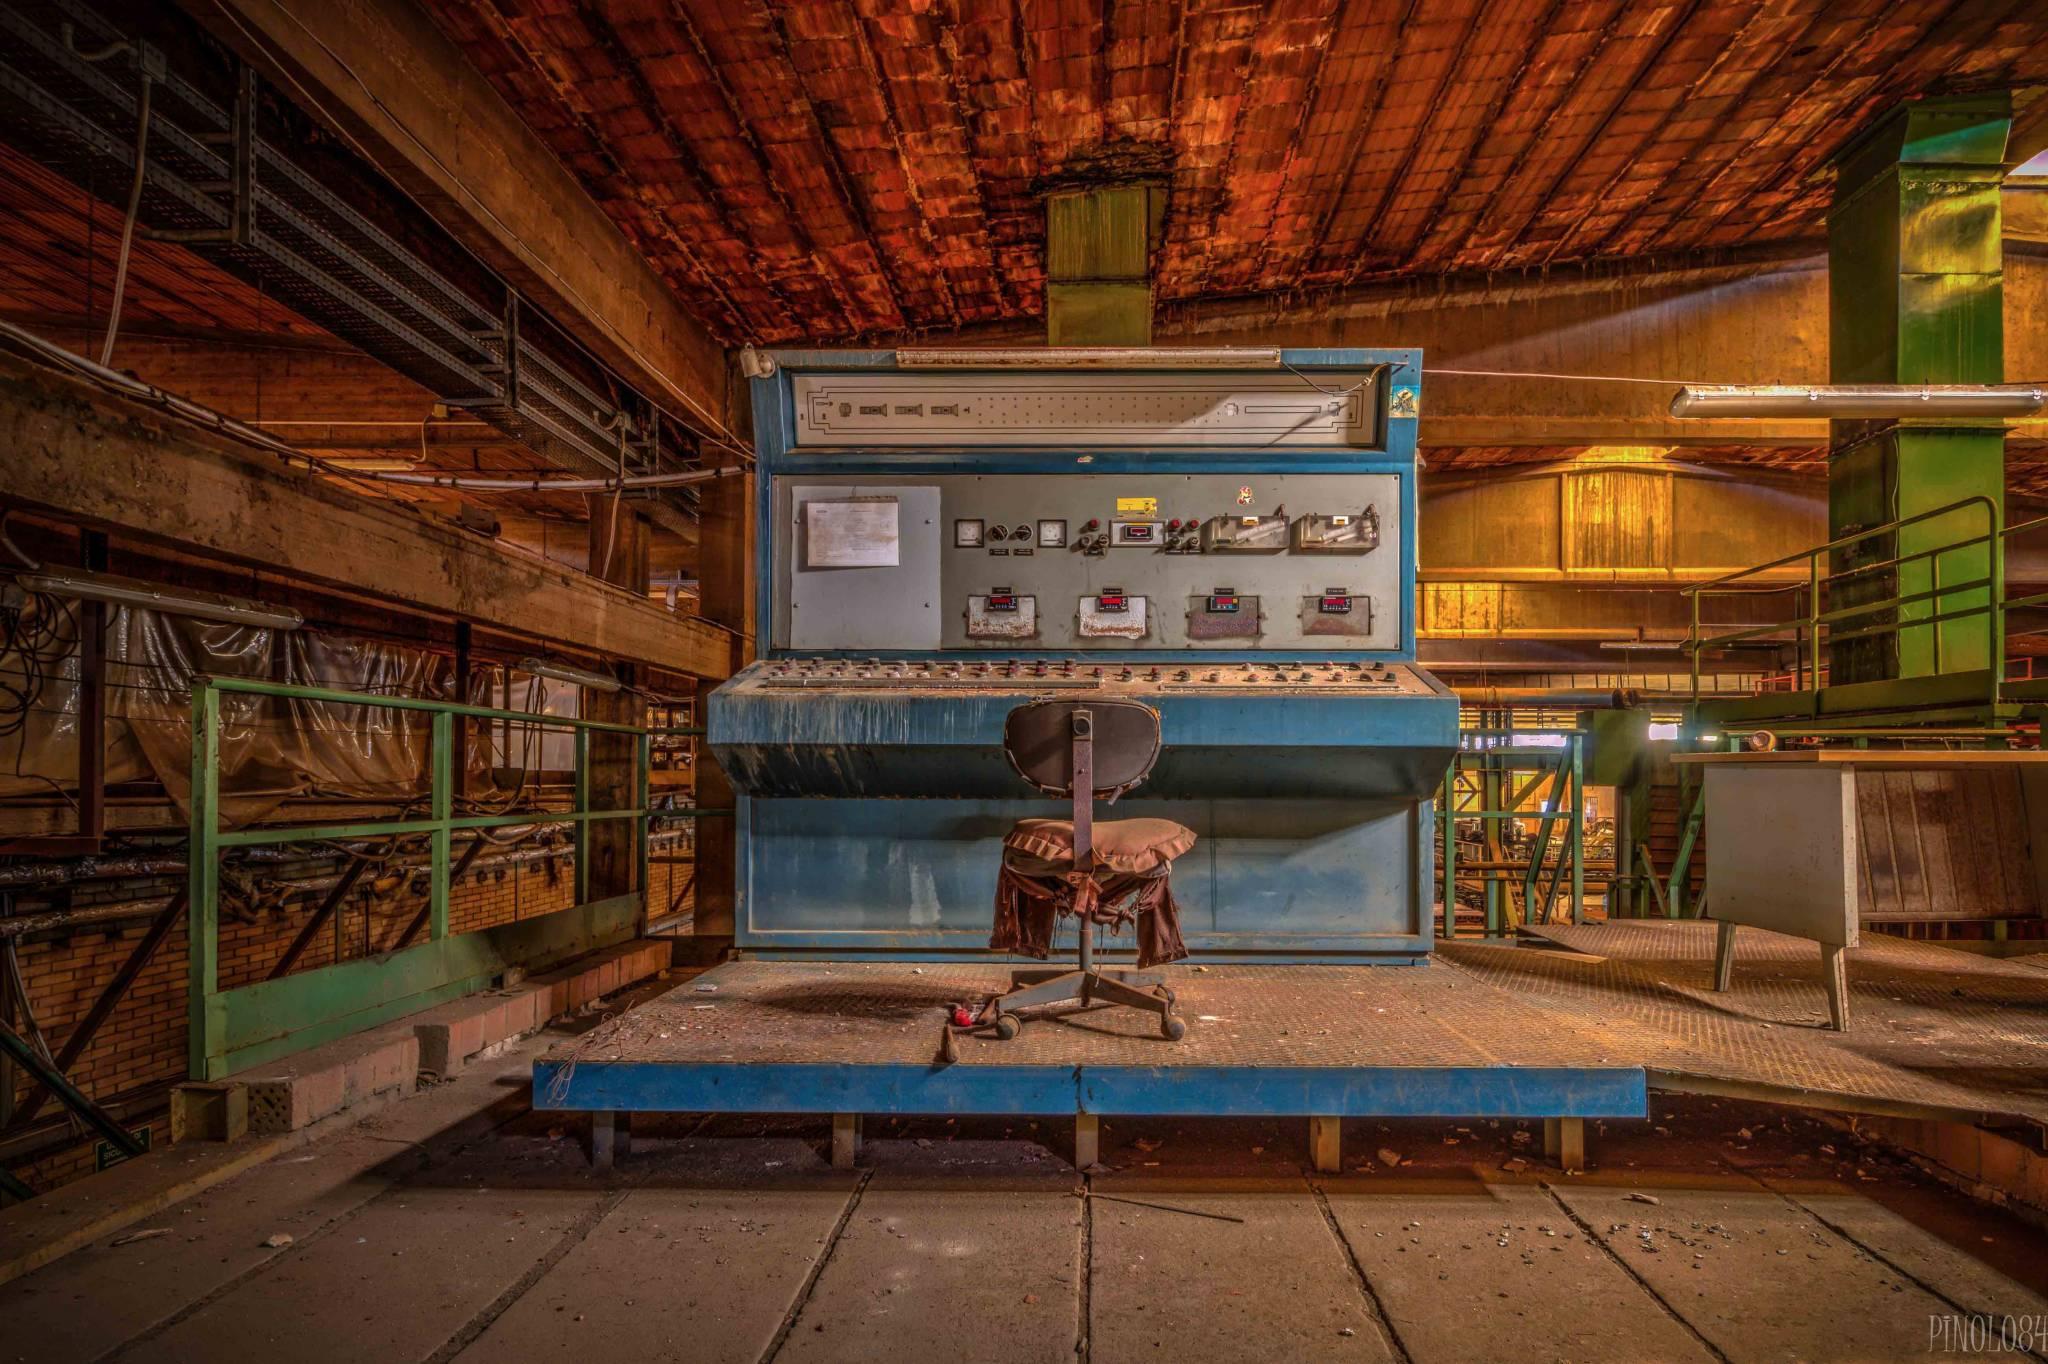 fabbriche abbandonate italiane